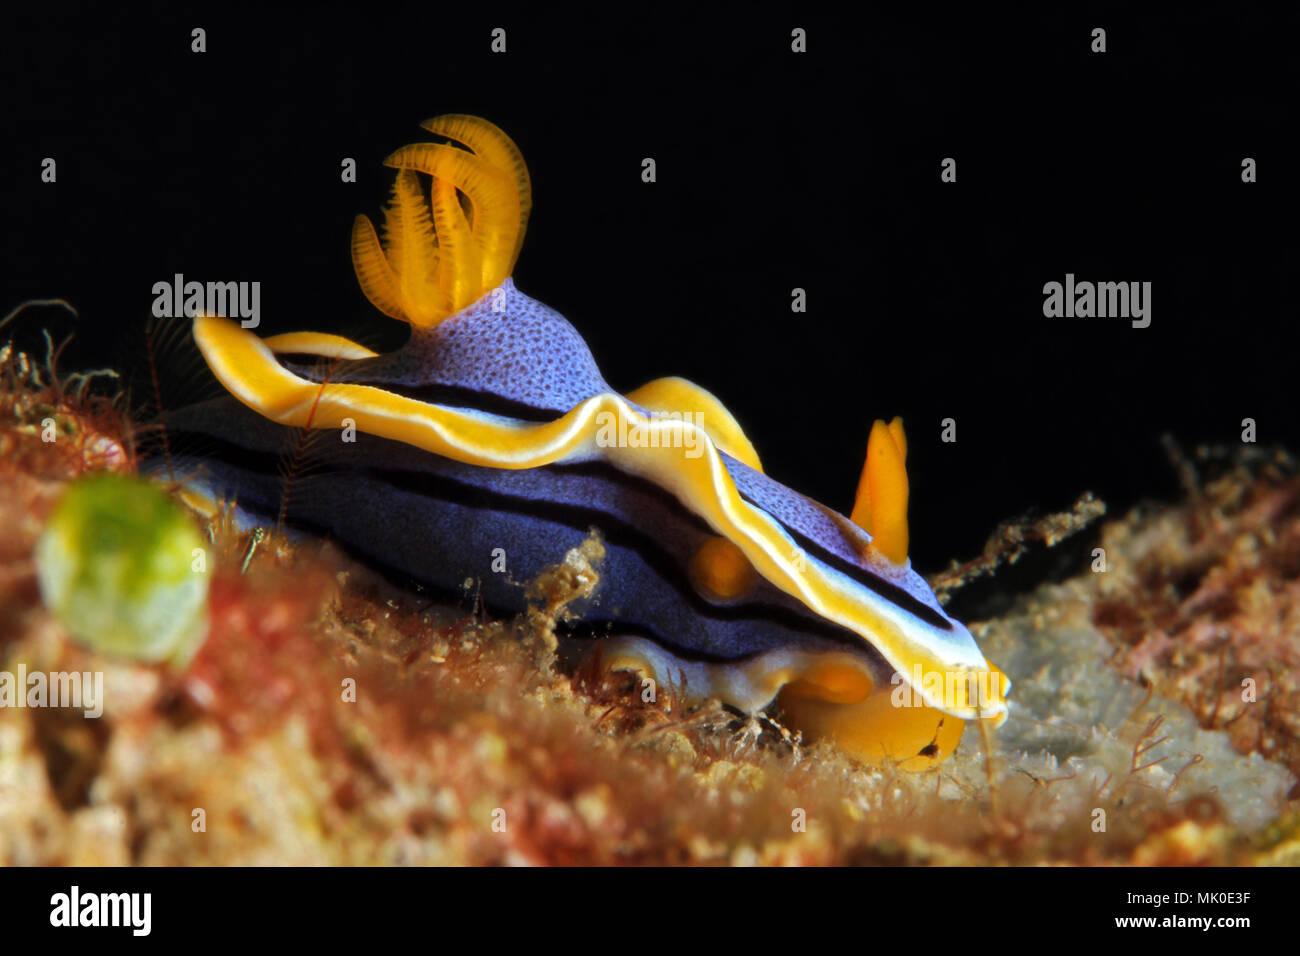 Chromodoris Annae Nudbranch. Anilao, Philippines - Stock Image